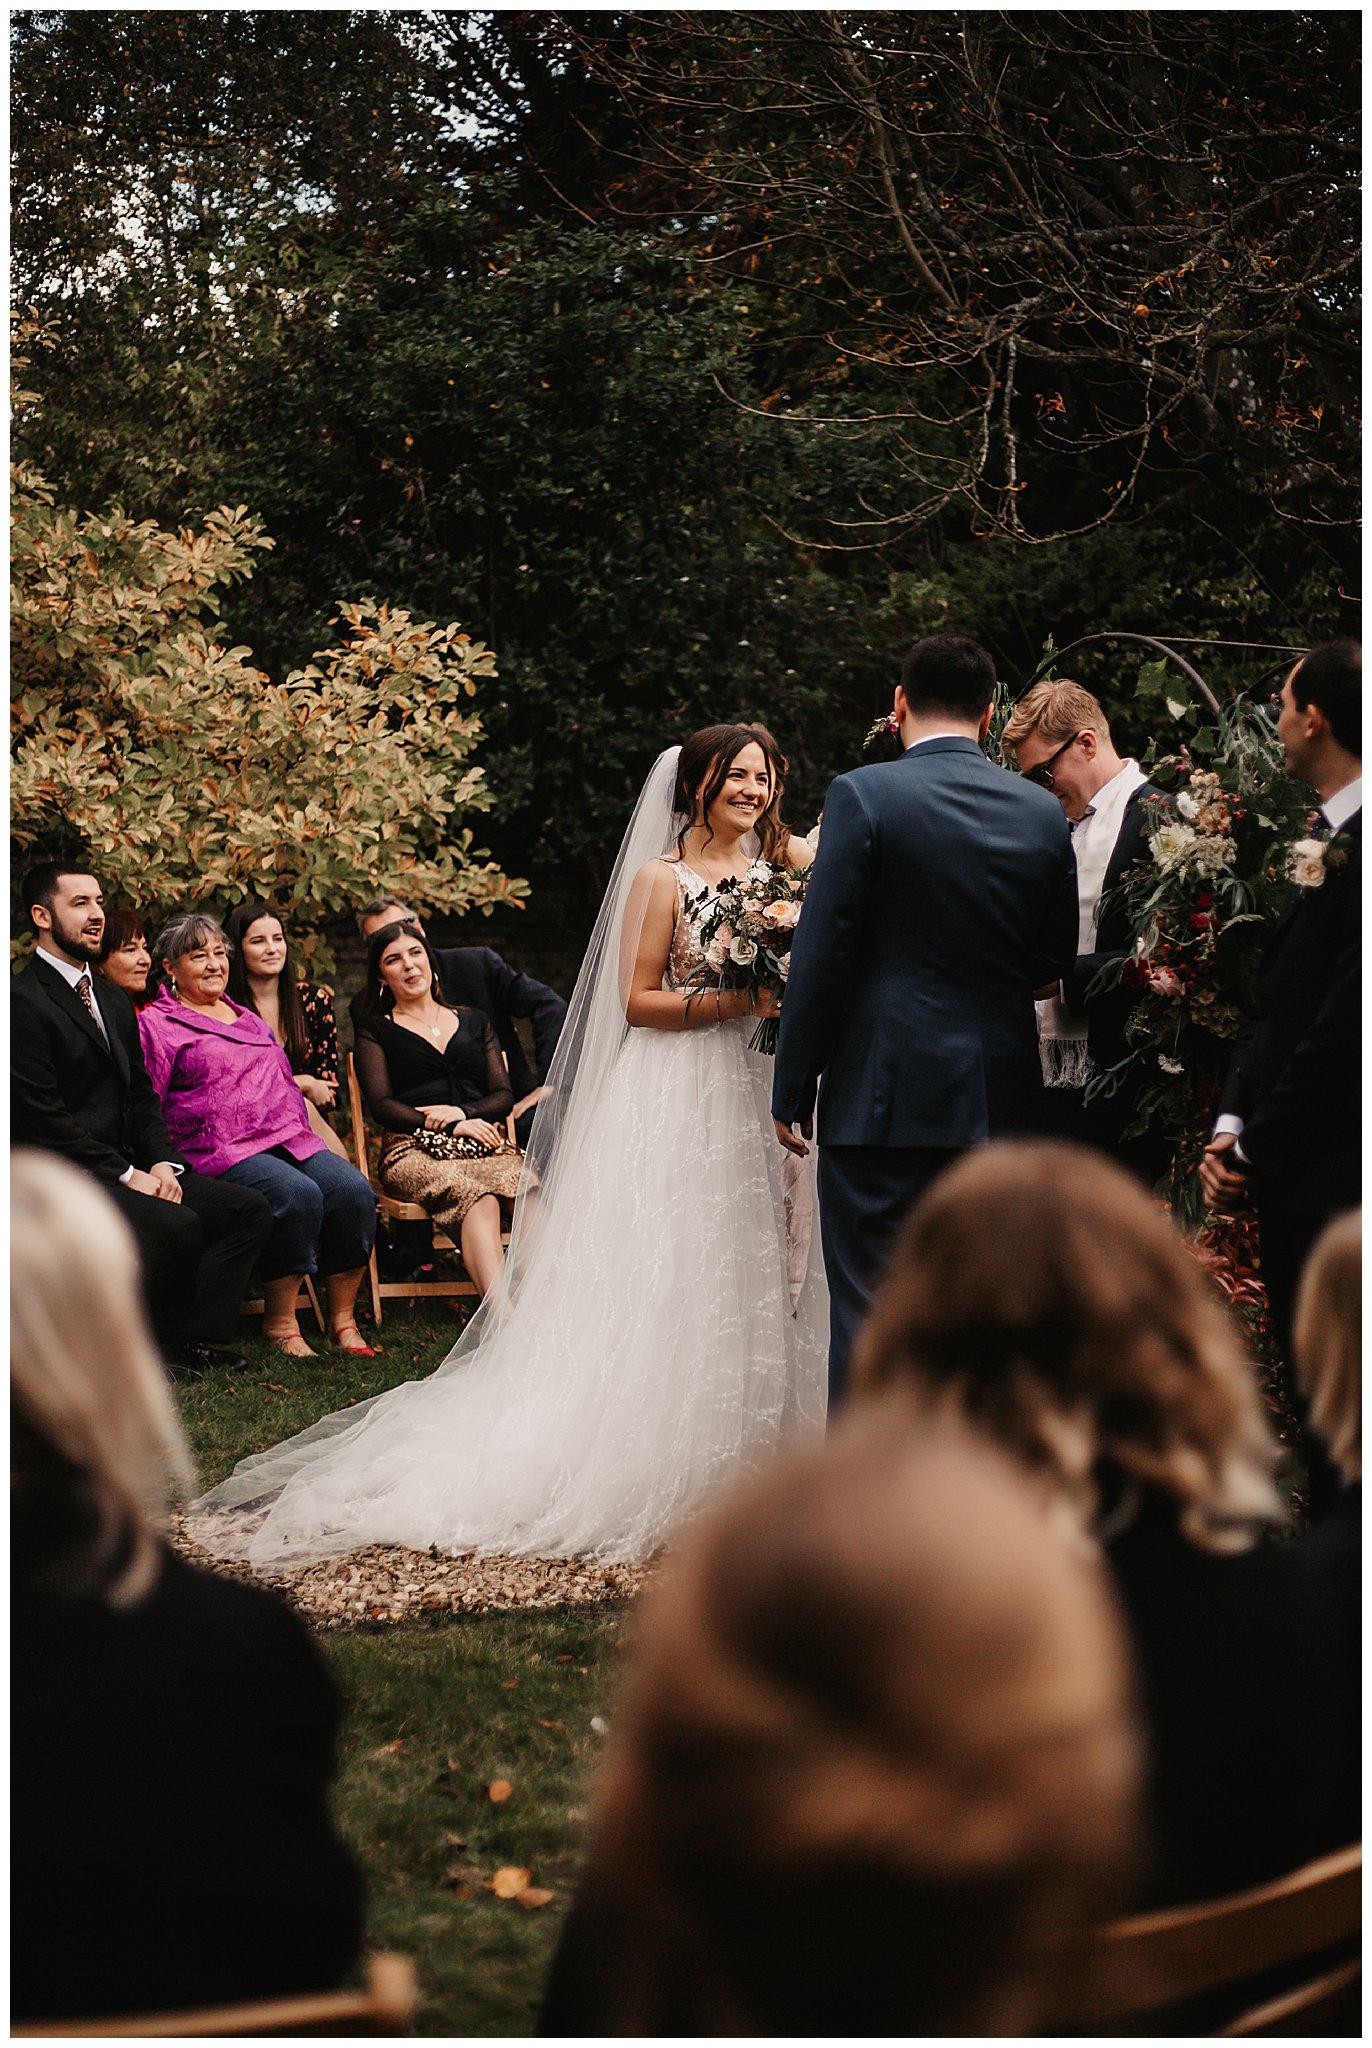 Max & Ksenia Autumnal Wiltshire Wedding-235.jpg